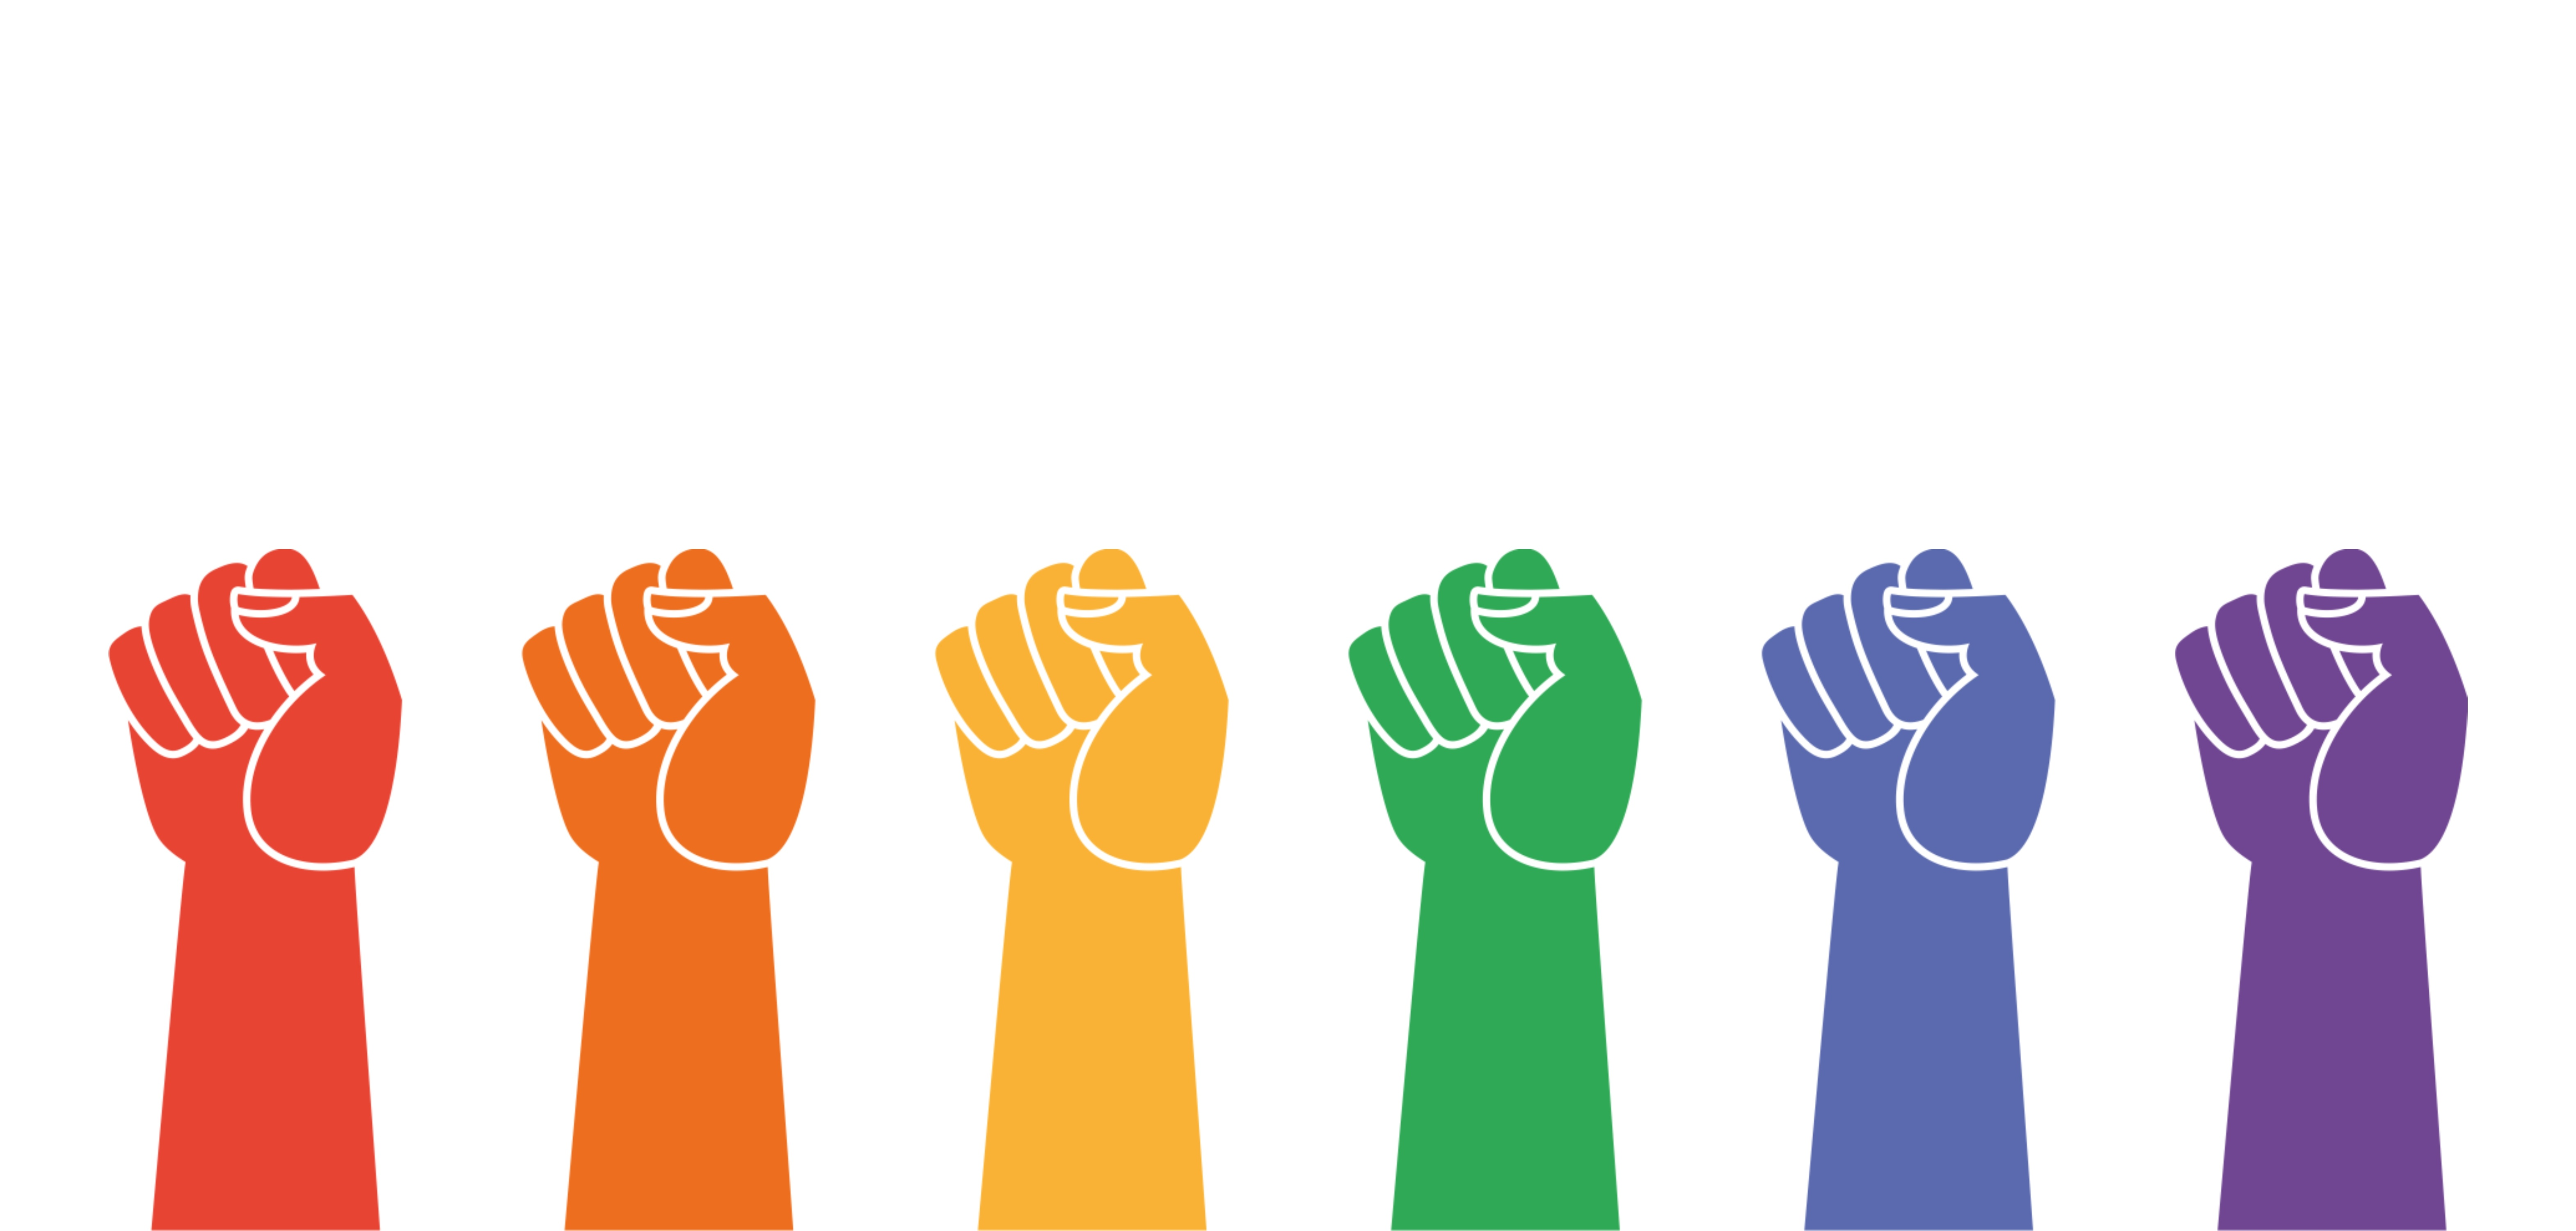 Pride Hands